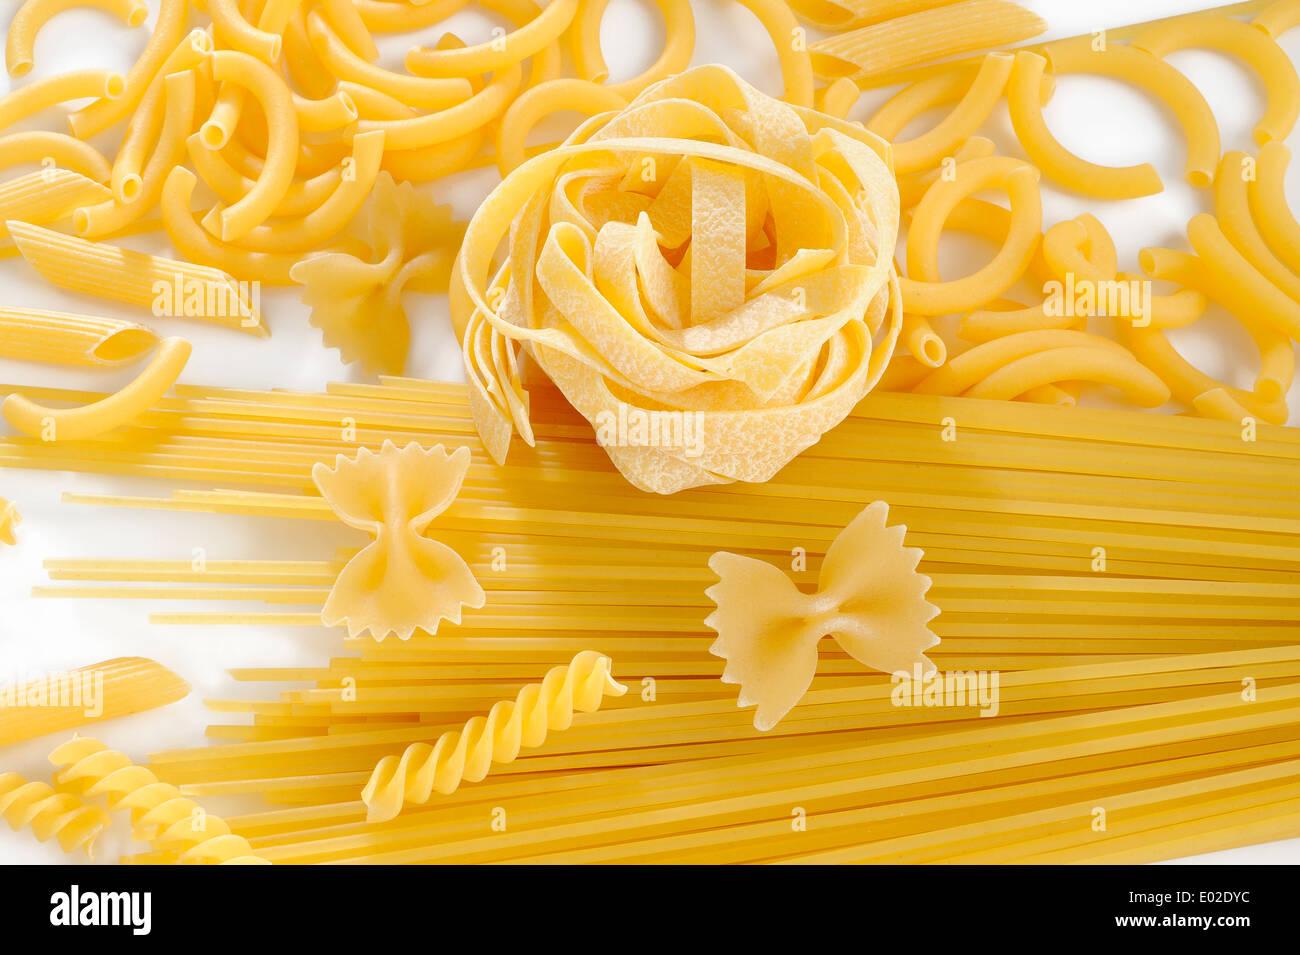 raw pasta on white background Stock Photo